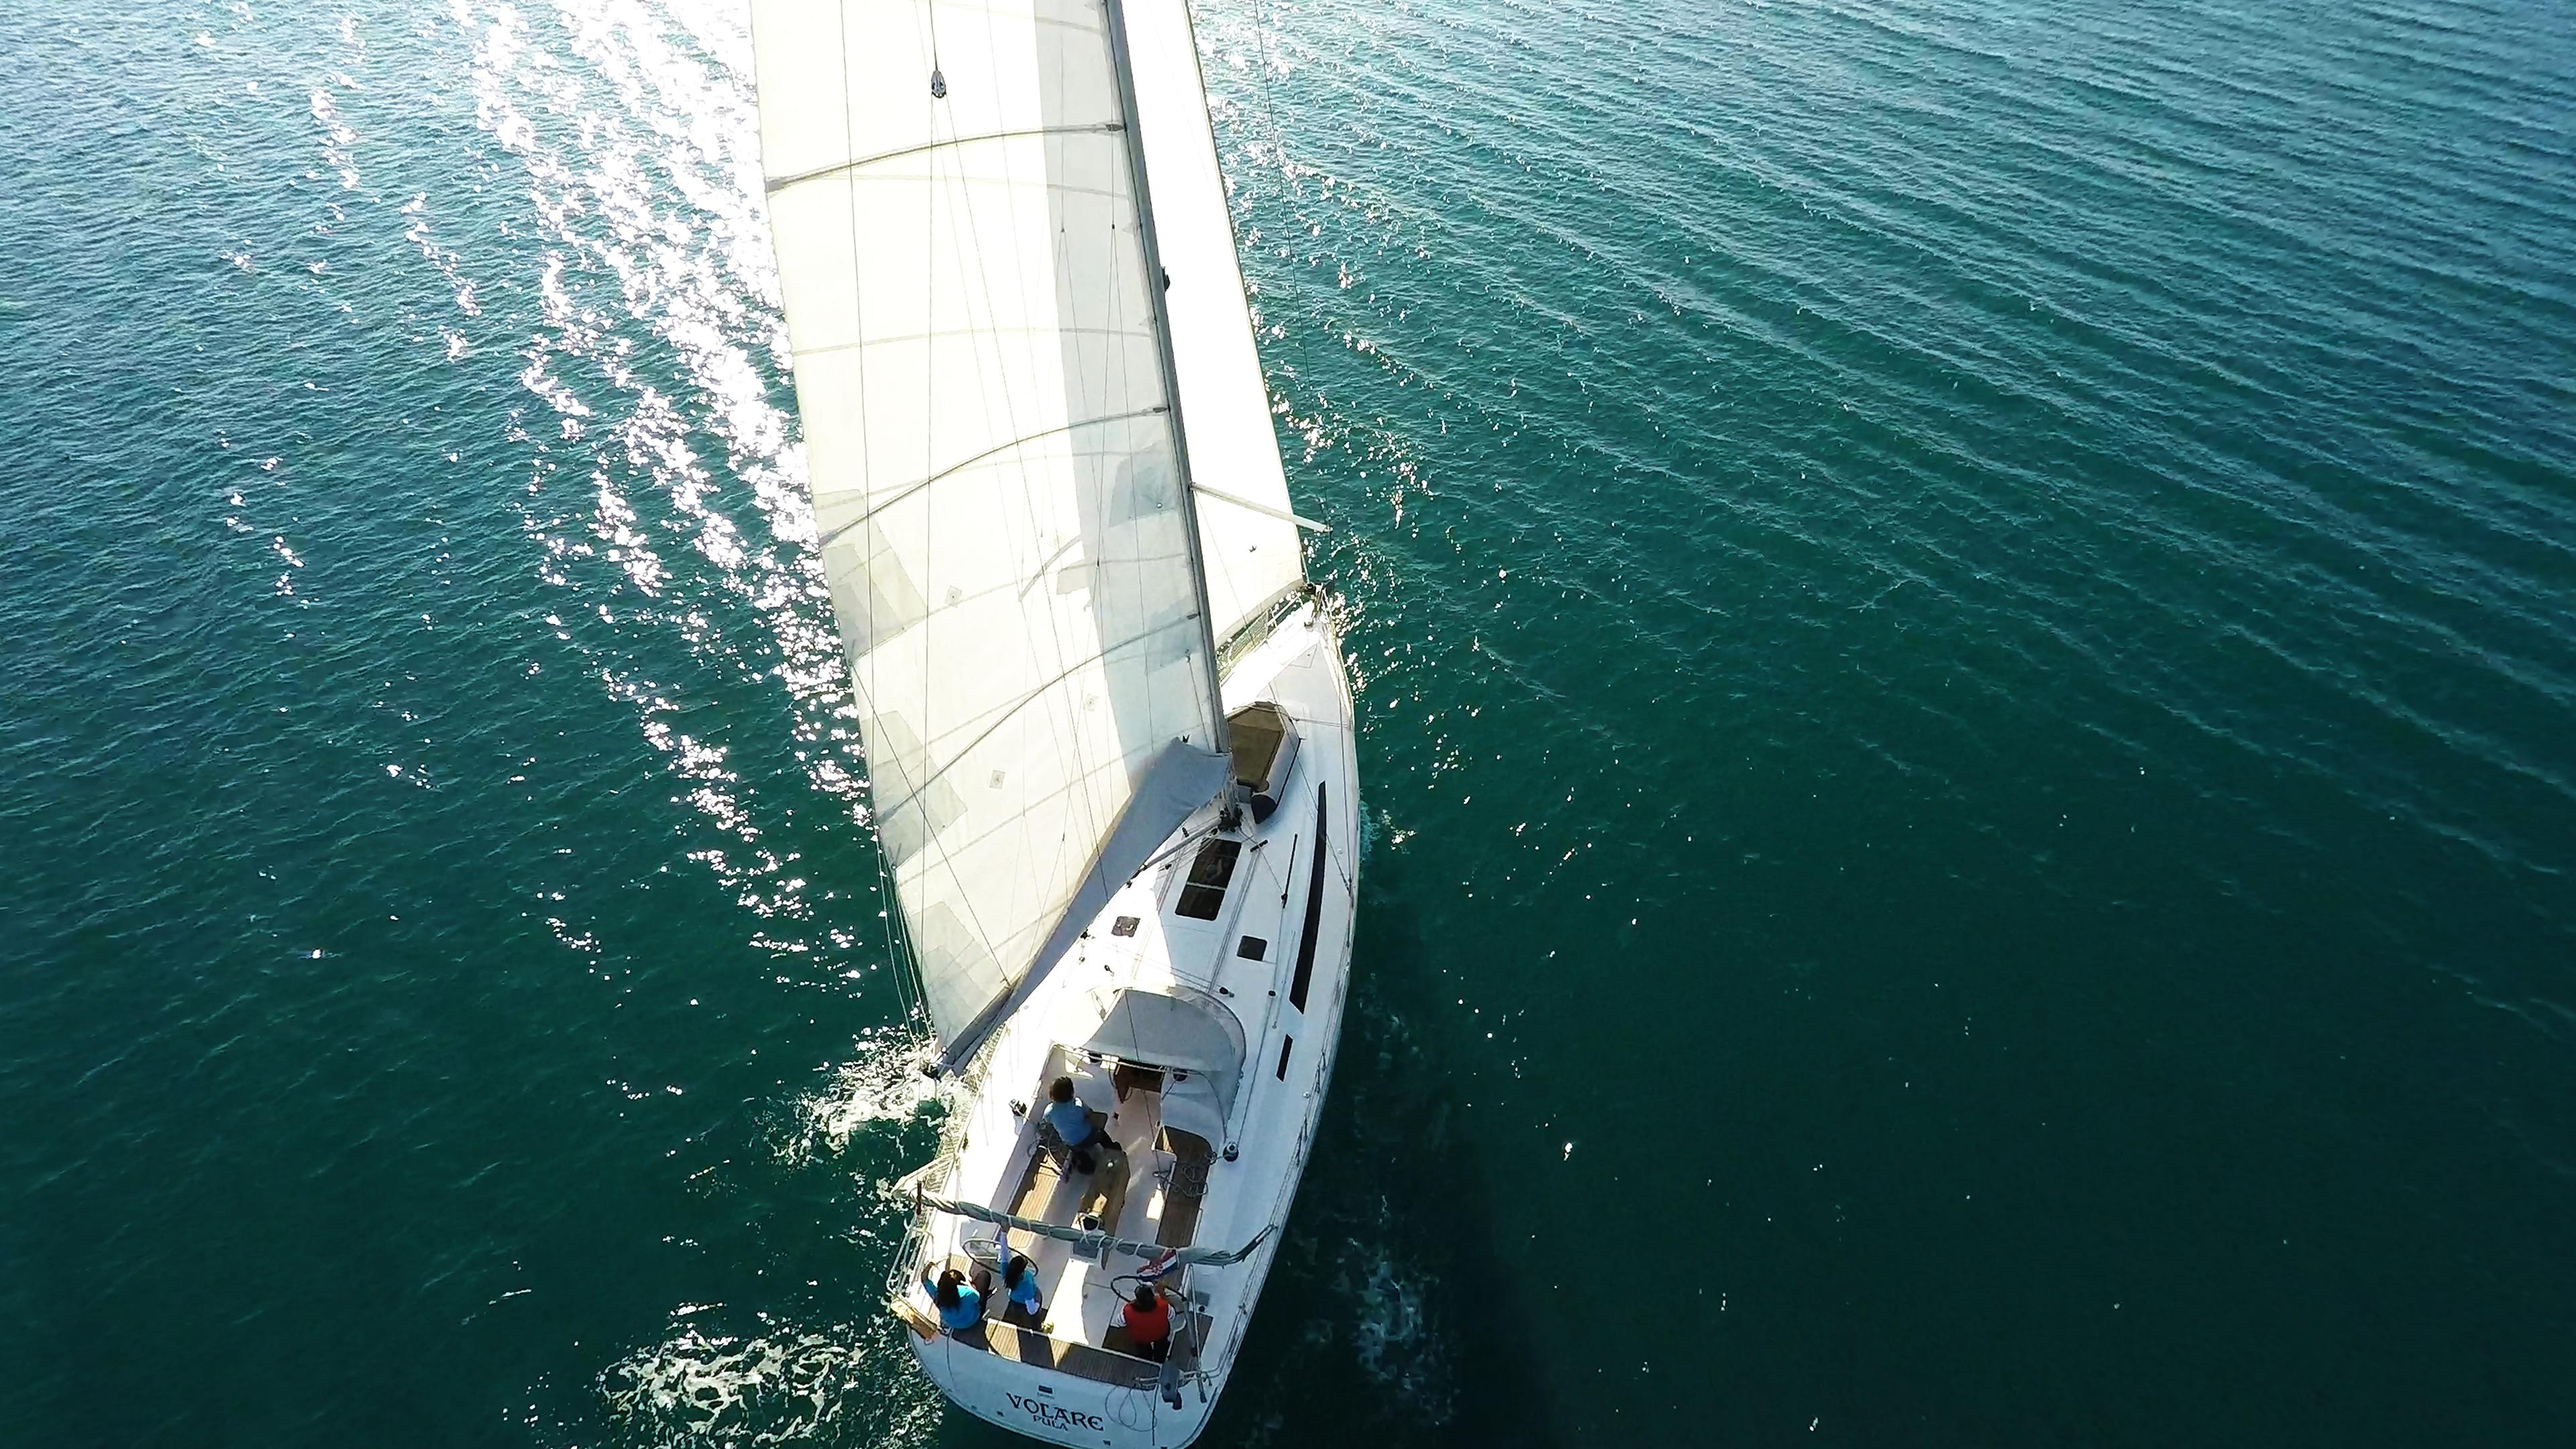 barcha a vela bavaria 46 barca a vela ponte teak pozzetto vele